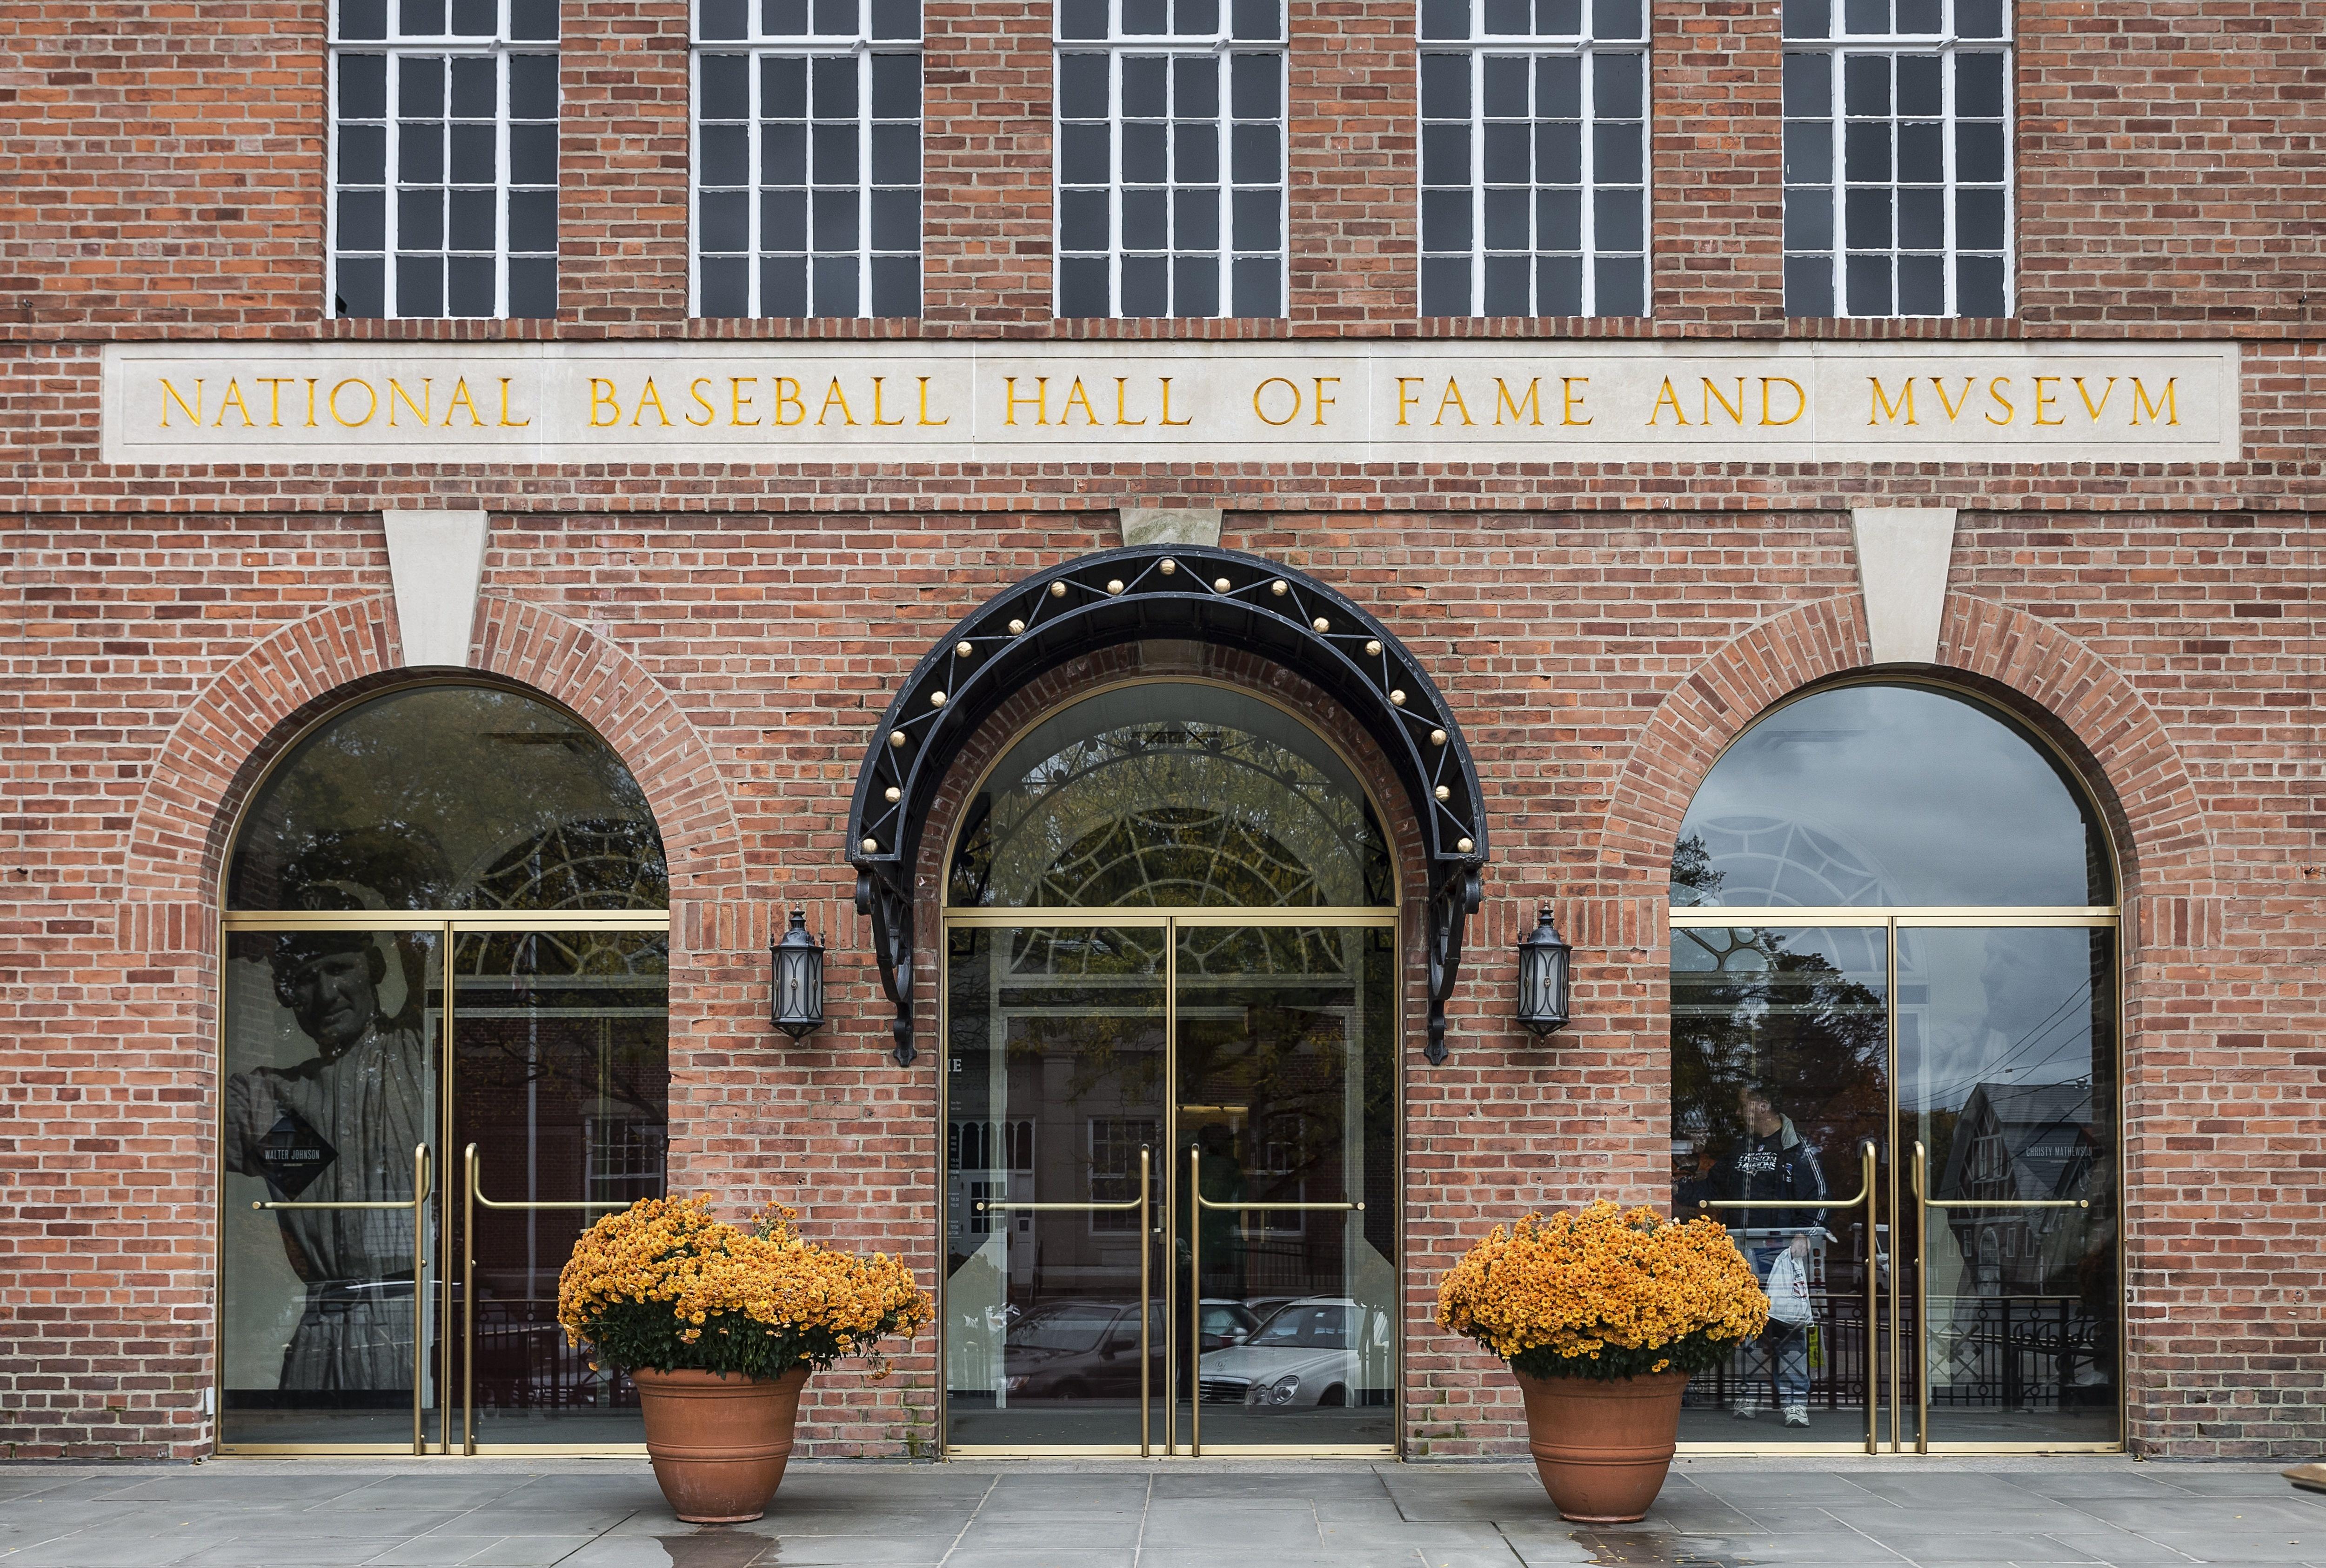 National Baseball Hall of Fame and Museum...